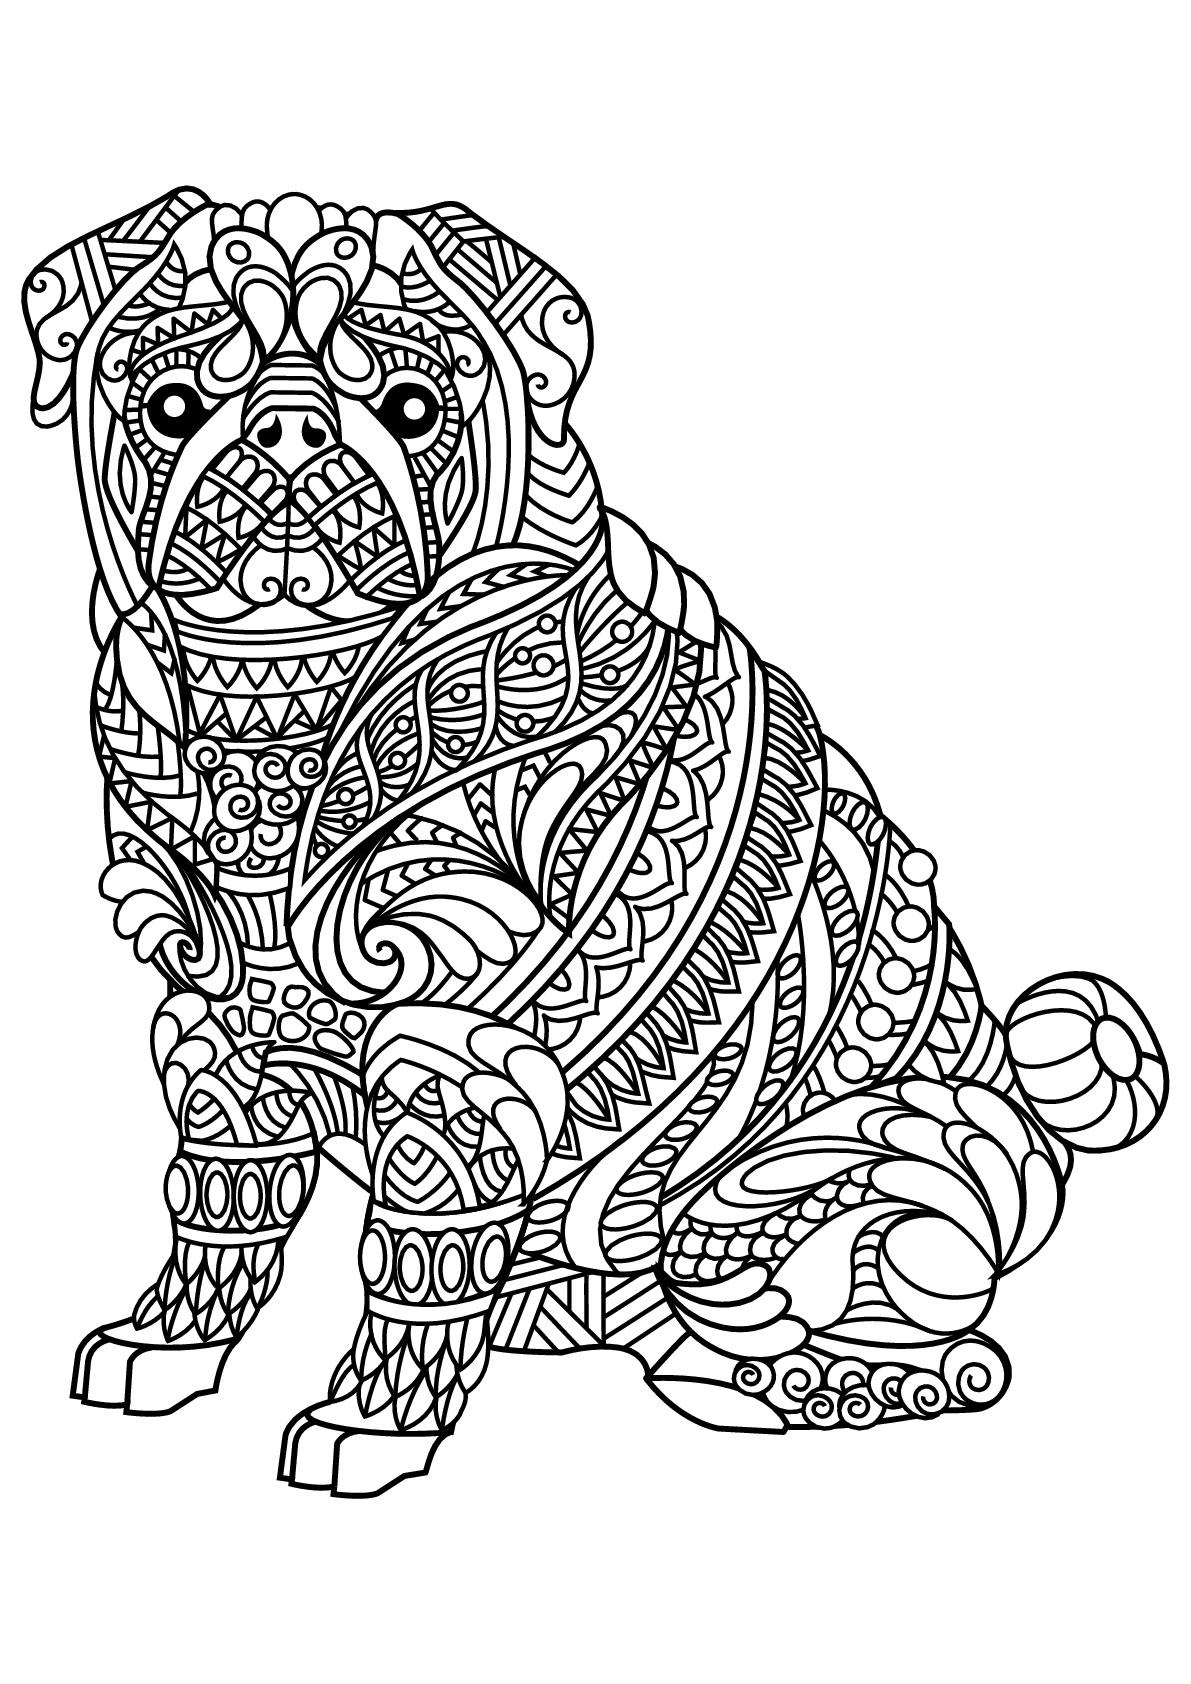 Livre gratuit chien bulldog chiens coloriages - Coloriage de chien ...